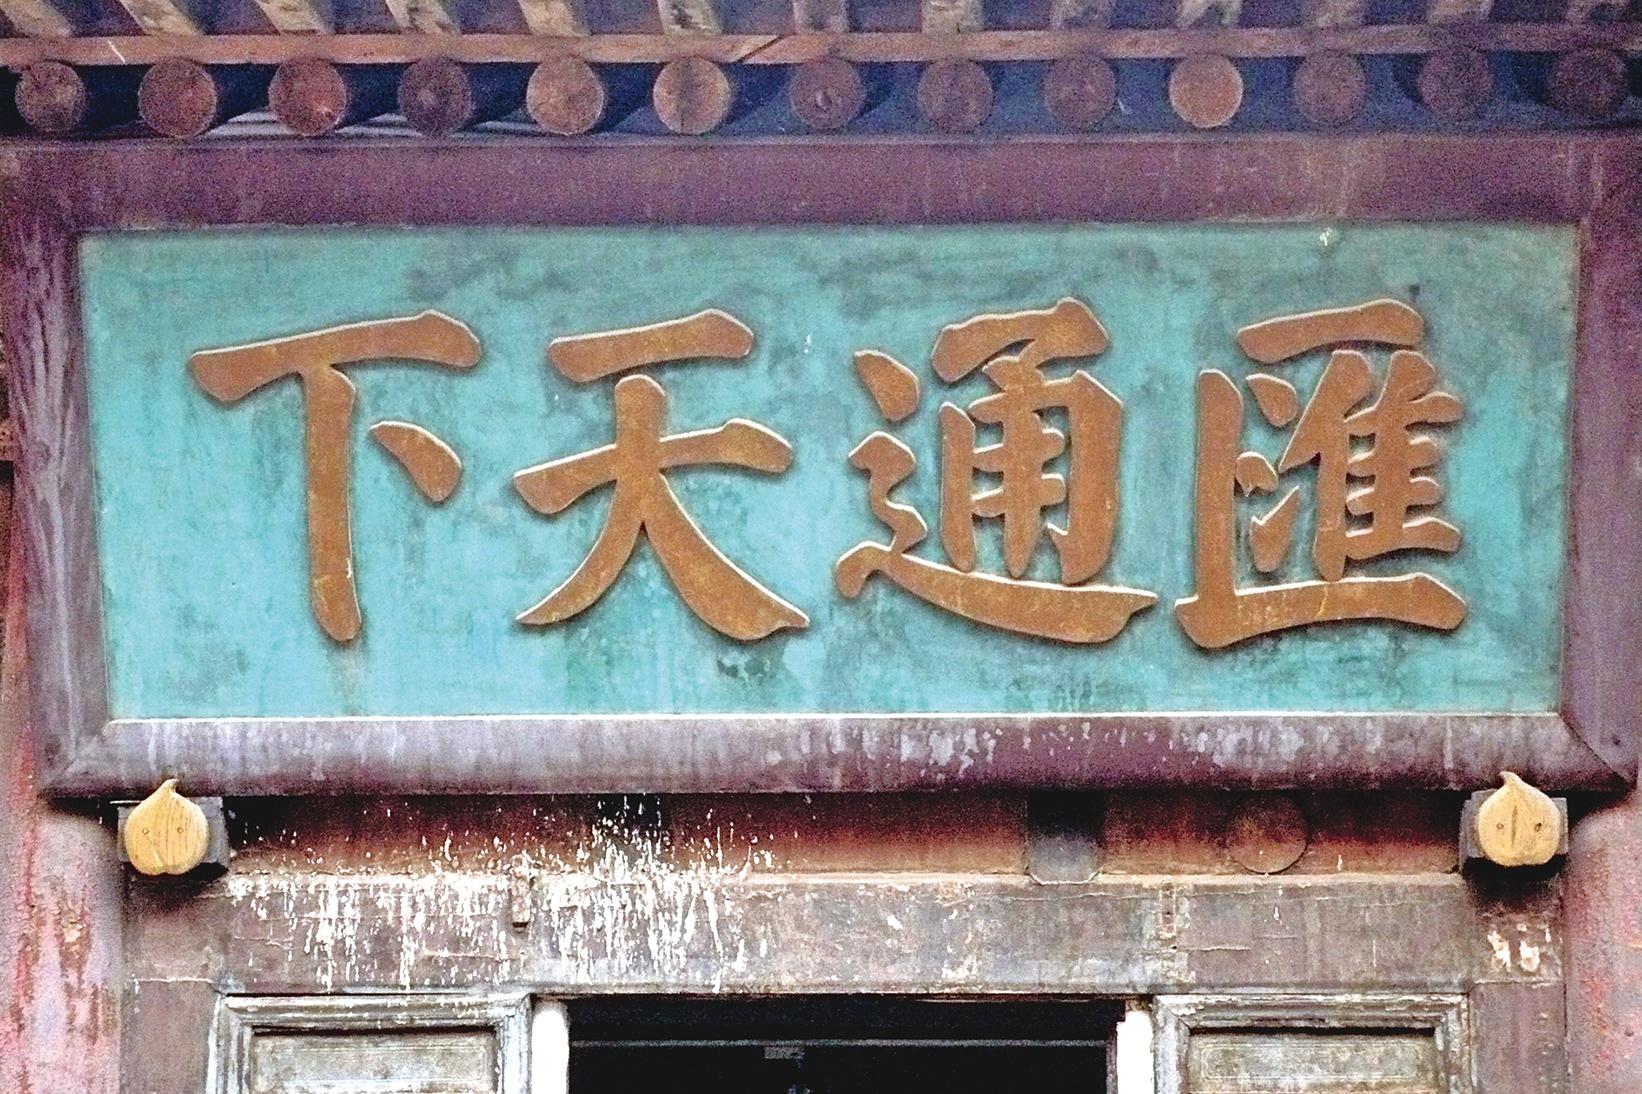 1824年創設於山西省平遙縣的日昇昌票號,有清朝第一大票號之稱。(Gisling / 維基百科)